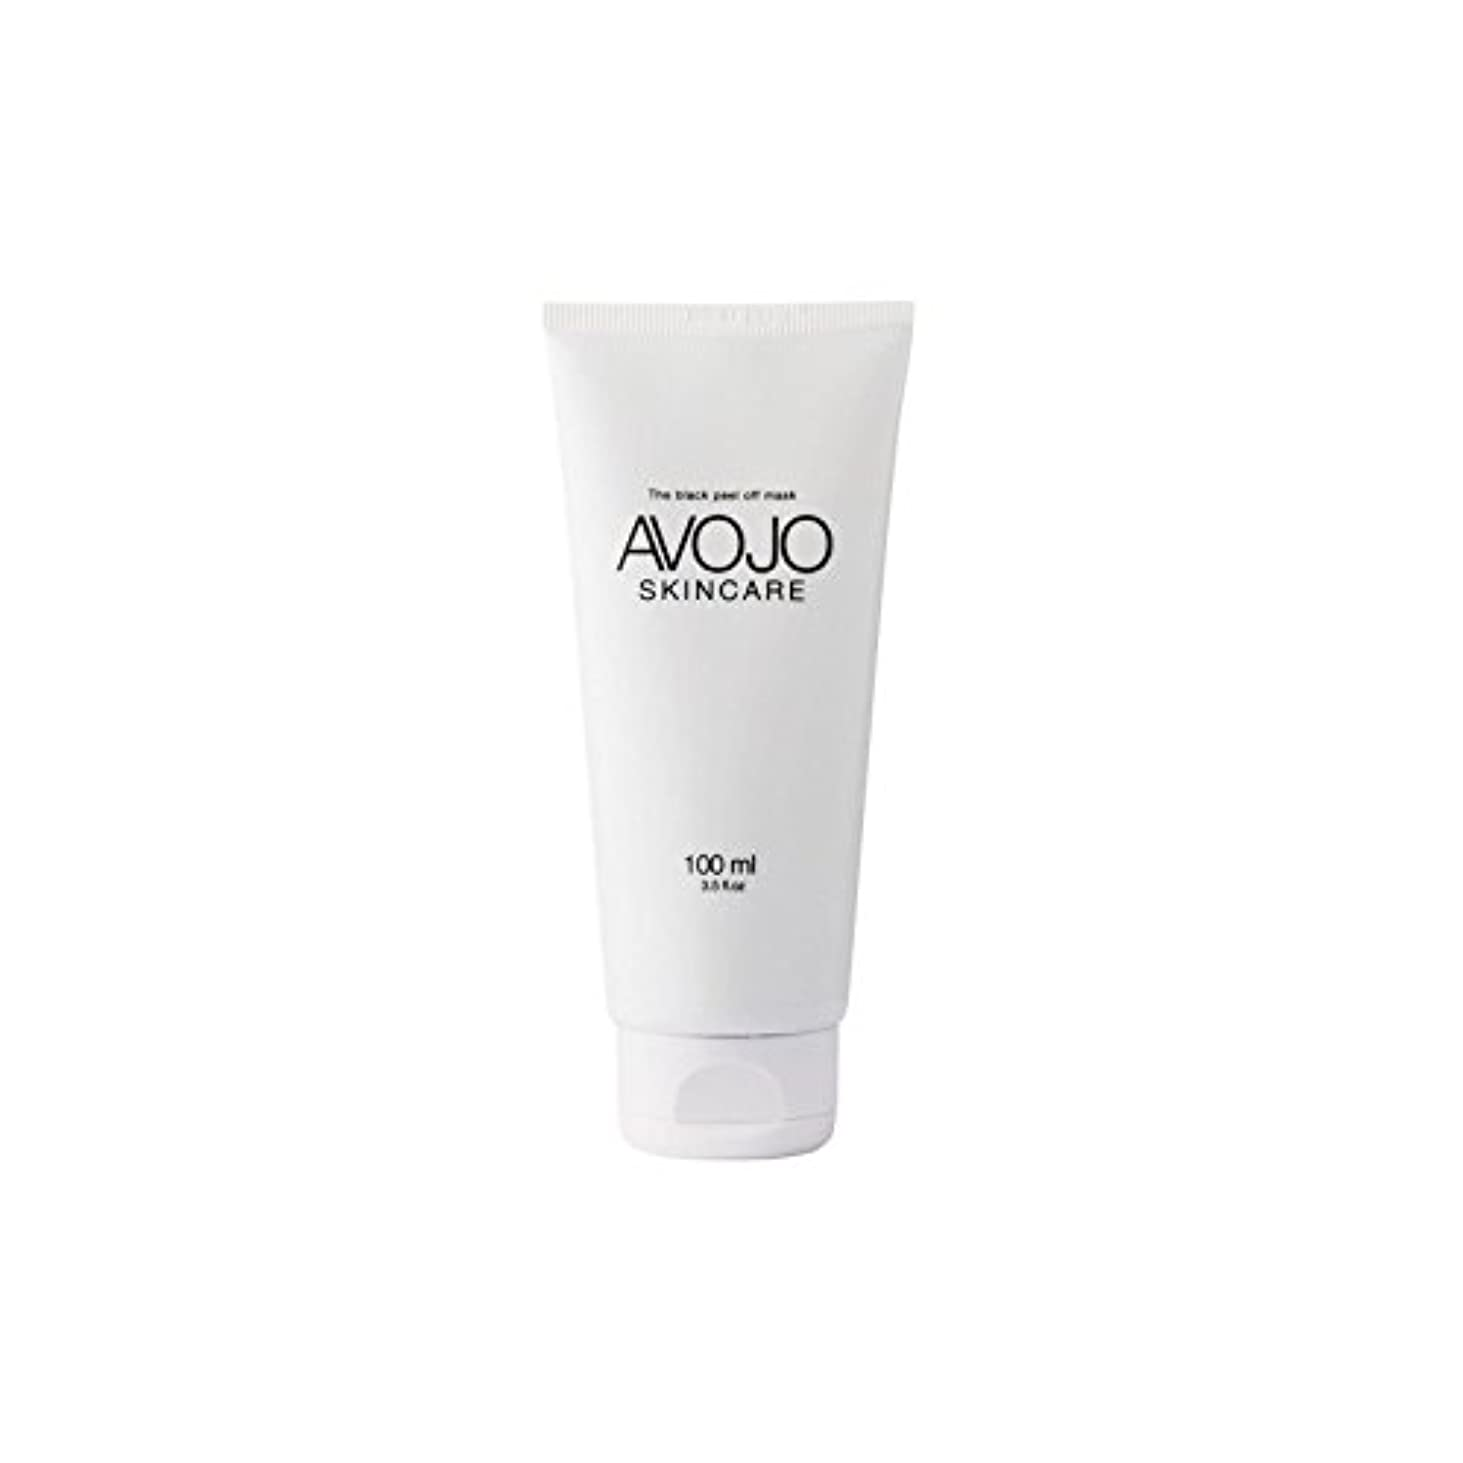 激しい空気疑い- 黒皮オフマスク - (ボトル100ミリリットル) x2 - Avojo - The Black Peel Off Mask - (Bottle 100ml) (Pack of 2) [並行輸入品]